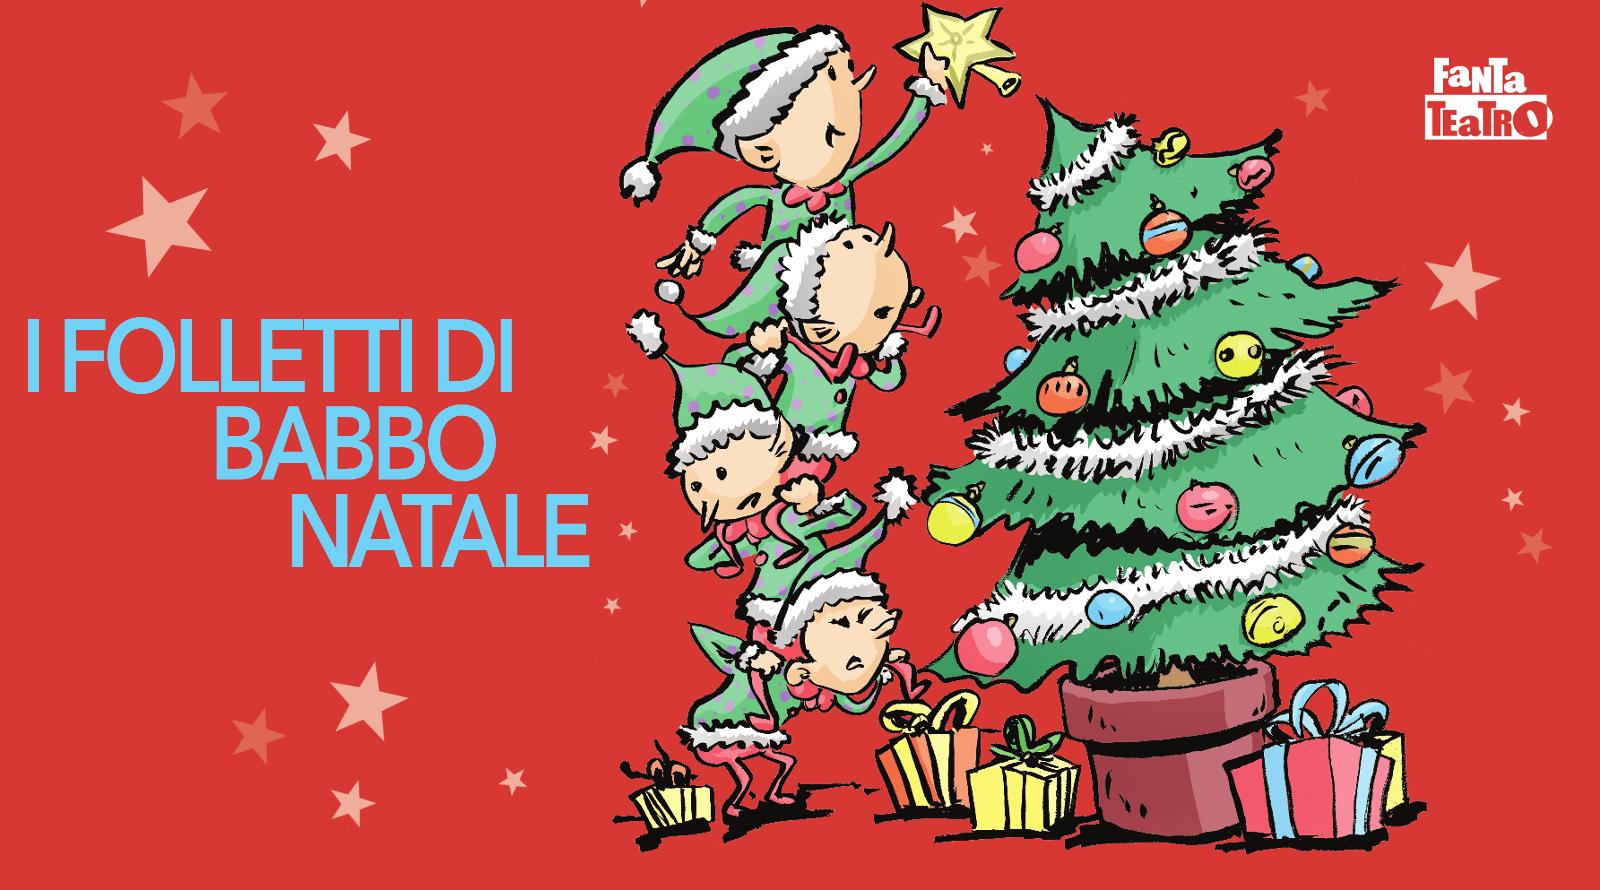 Immagini Di Natale Di Babbo Natale.5 1 I Folletti Di Babbo Natale Milano Fantateatro